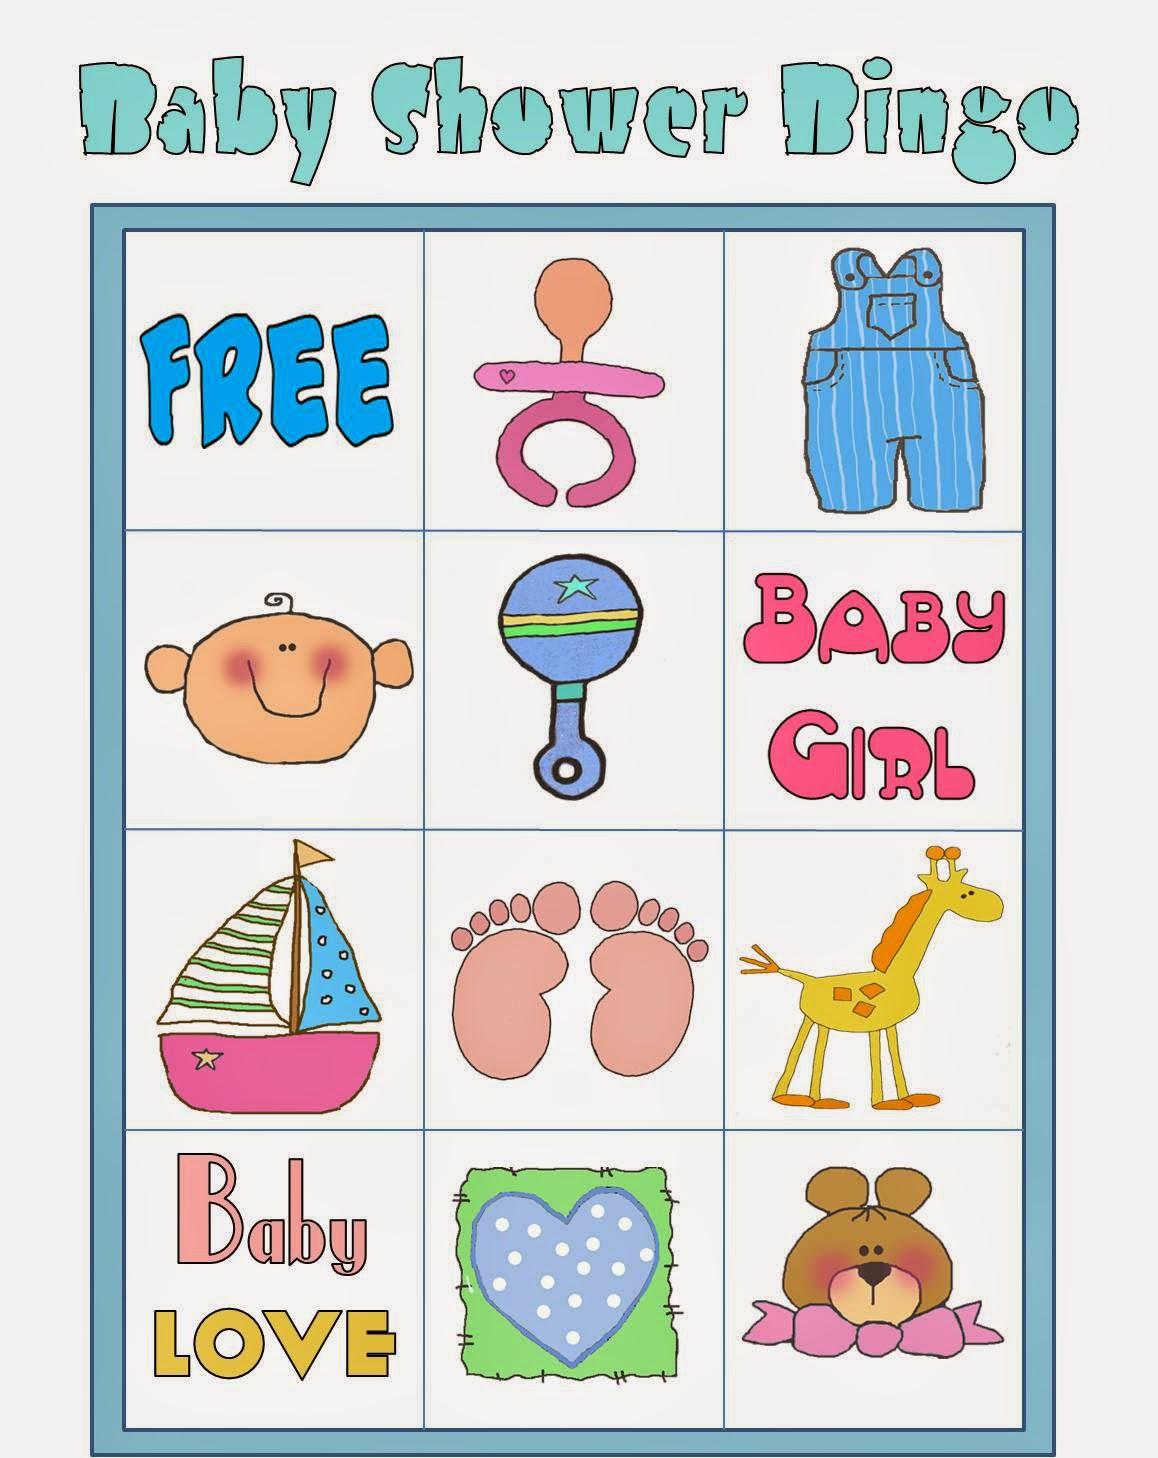 Imagenes De Bingo Baby Shower Para 50 Personas Pdf